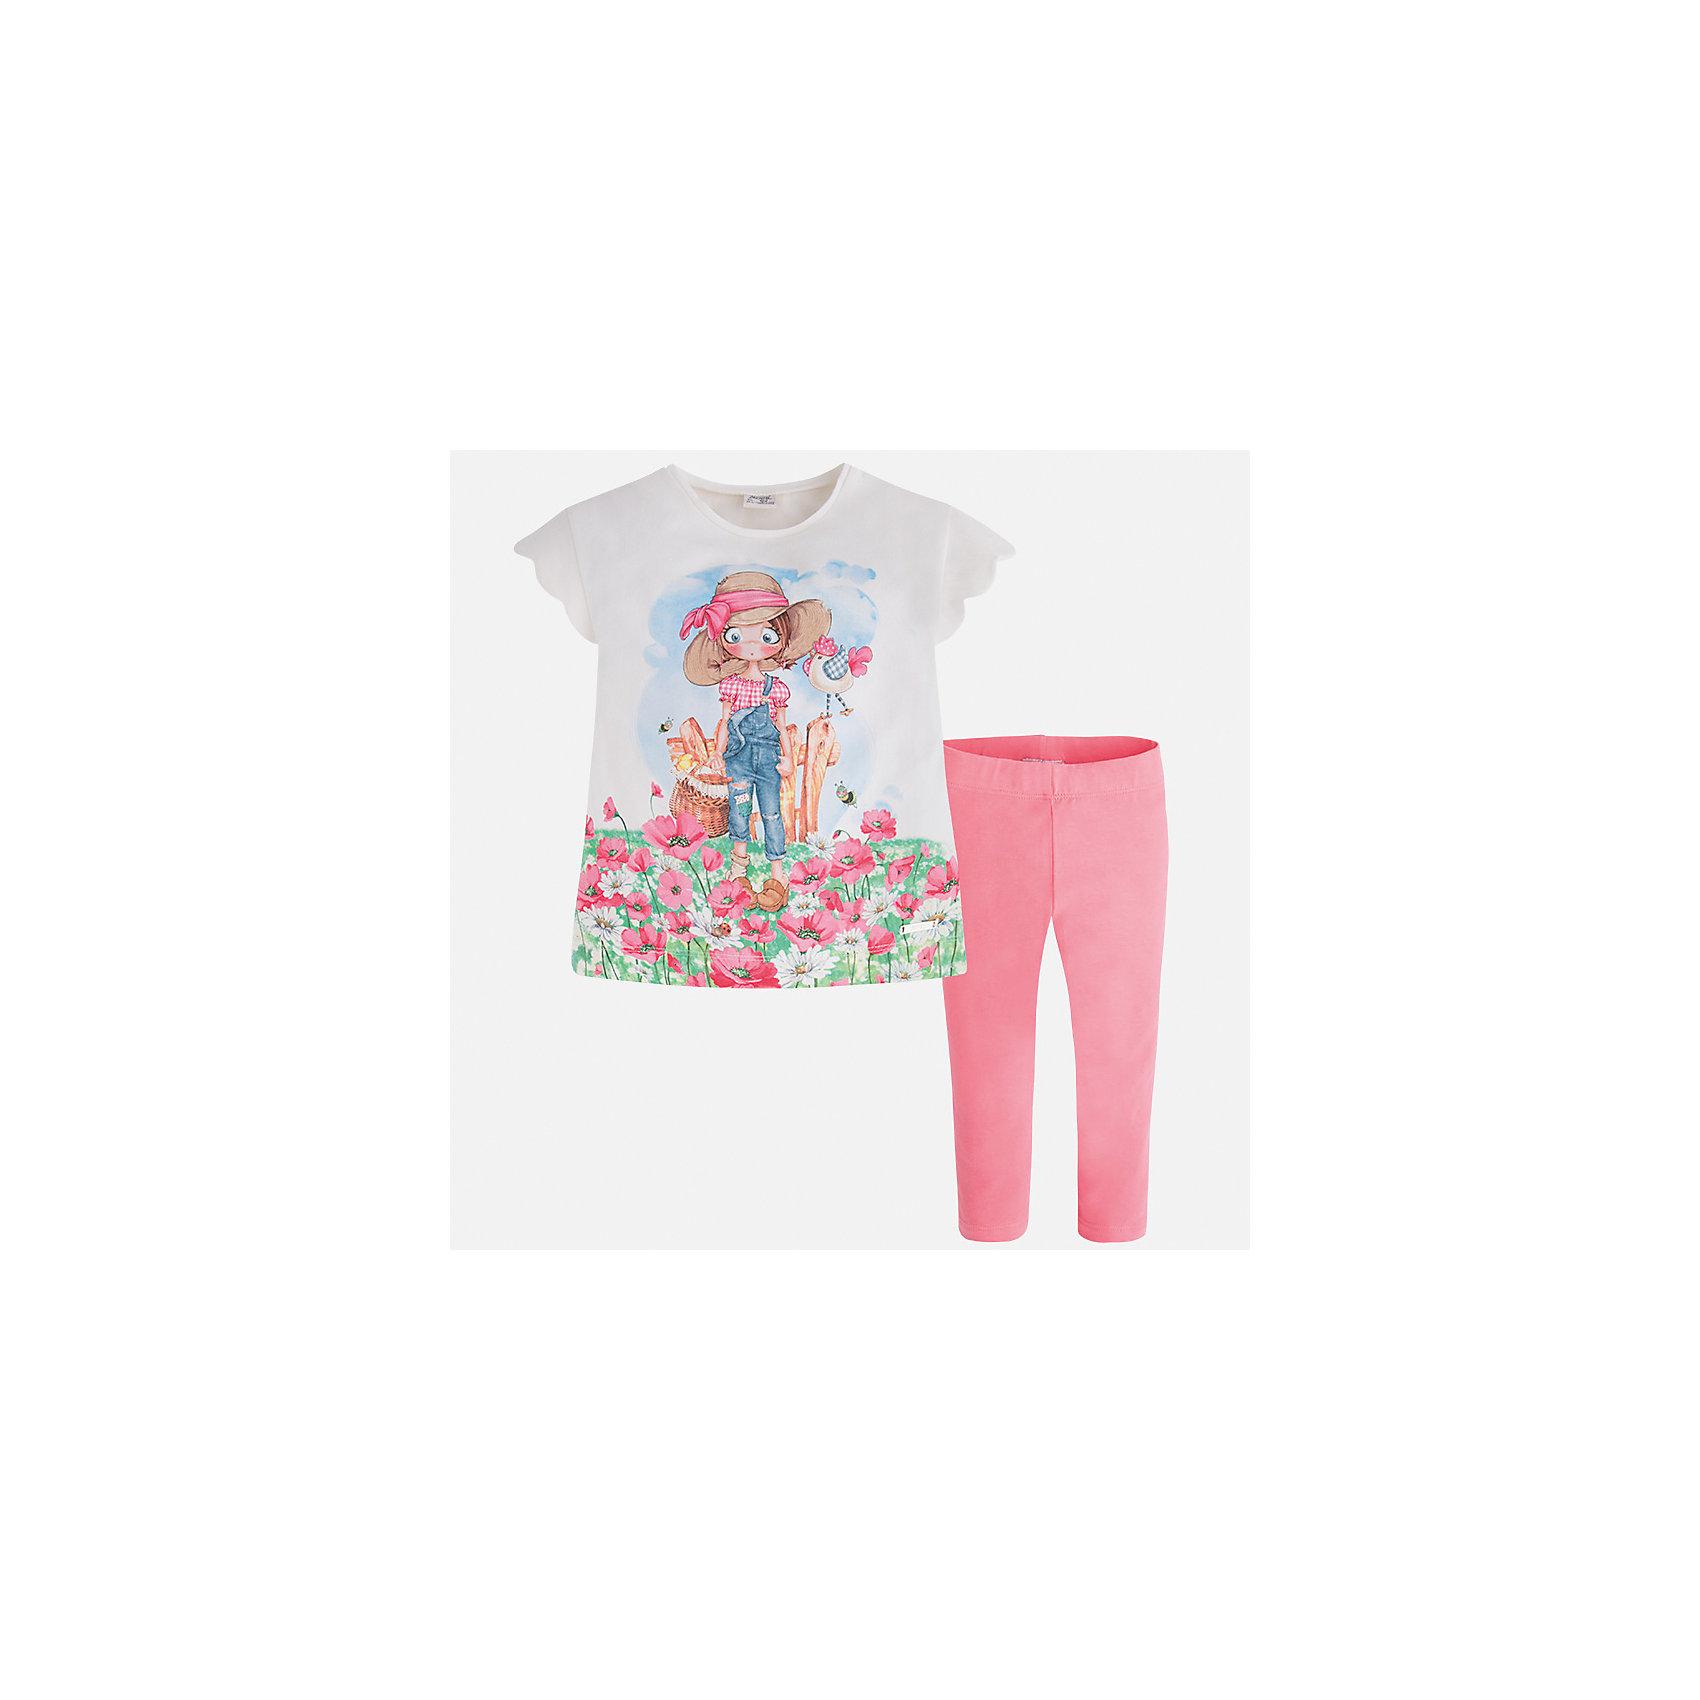 Комплект: футболка и леггинсы для девочки MayoralКомплекты<br>Характеристики товара:<br><br>• цвет: белый/розовый<br>• состав: 92% хлопок, 8% эластан<br>• комплектация: футболка, леггинсы<br>• футболка декорирована принтом <br>• леггинсы однотонные<br>• пояс на резинке<br>• страна бренда: Испания<br><br>Модный качественный комплект для девочки поможет разнообразить гардероб ребенка и удобно одеться в теплую погоду. Он отлично сочетается с другими предметами. Универсальный цвет позволяет подобрать к вещам верхнюю одежду практически любой расцветки. Интересная отделка модели делает её нарядной и оригинальной. В составе материала - натуральный хлопок, гипоаллергенный, приятный на ощупь, дышащий.<br><br>Одежда, обувь и аксессуары от испанского бренда Mayoral полюбились детям и взрослым по всему миру. Модели этой марки - стильные и удобные. Для их производства используются только безопасные, качественные материалы и фурнитура. Порадуйте ребенка модными и красивыми вещами от Mayoral! <br><br>Комплект для девочки от испанского бренда Mayoral (Майорал) можно купить в нашем интернет-магазине.<br><br>Ширина мм: 123<br>Глубина мм: 10<br>Высота мм: 149<br>Вес г: 209<br>Цвет: розовый<br>Возраст от месяцев: 96<br>Возраст до месяцев: 108<br>Пол: Женский<br>Возраст: Детский<br>Размер: 134,92,98,104,110,116,122,128<br>SKU: 5290595